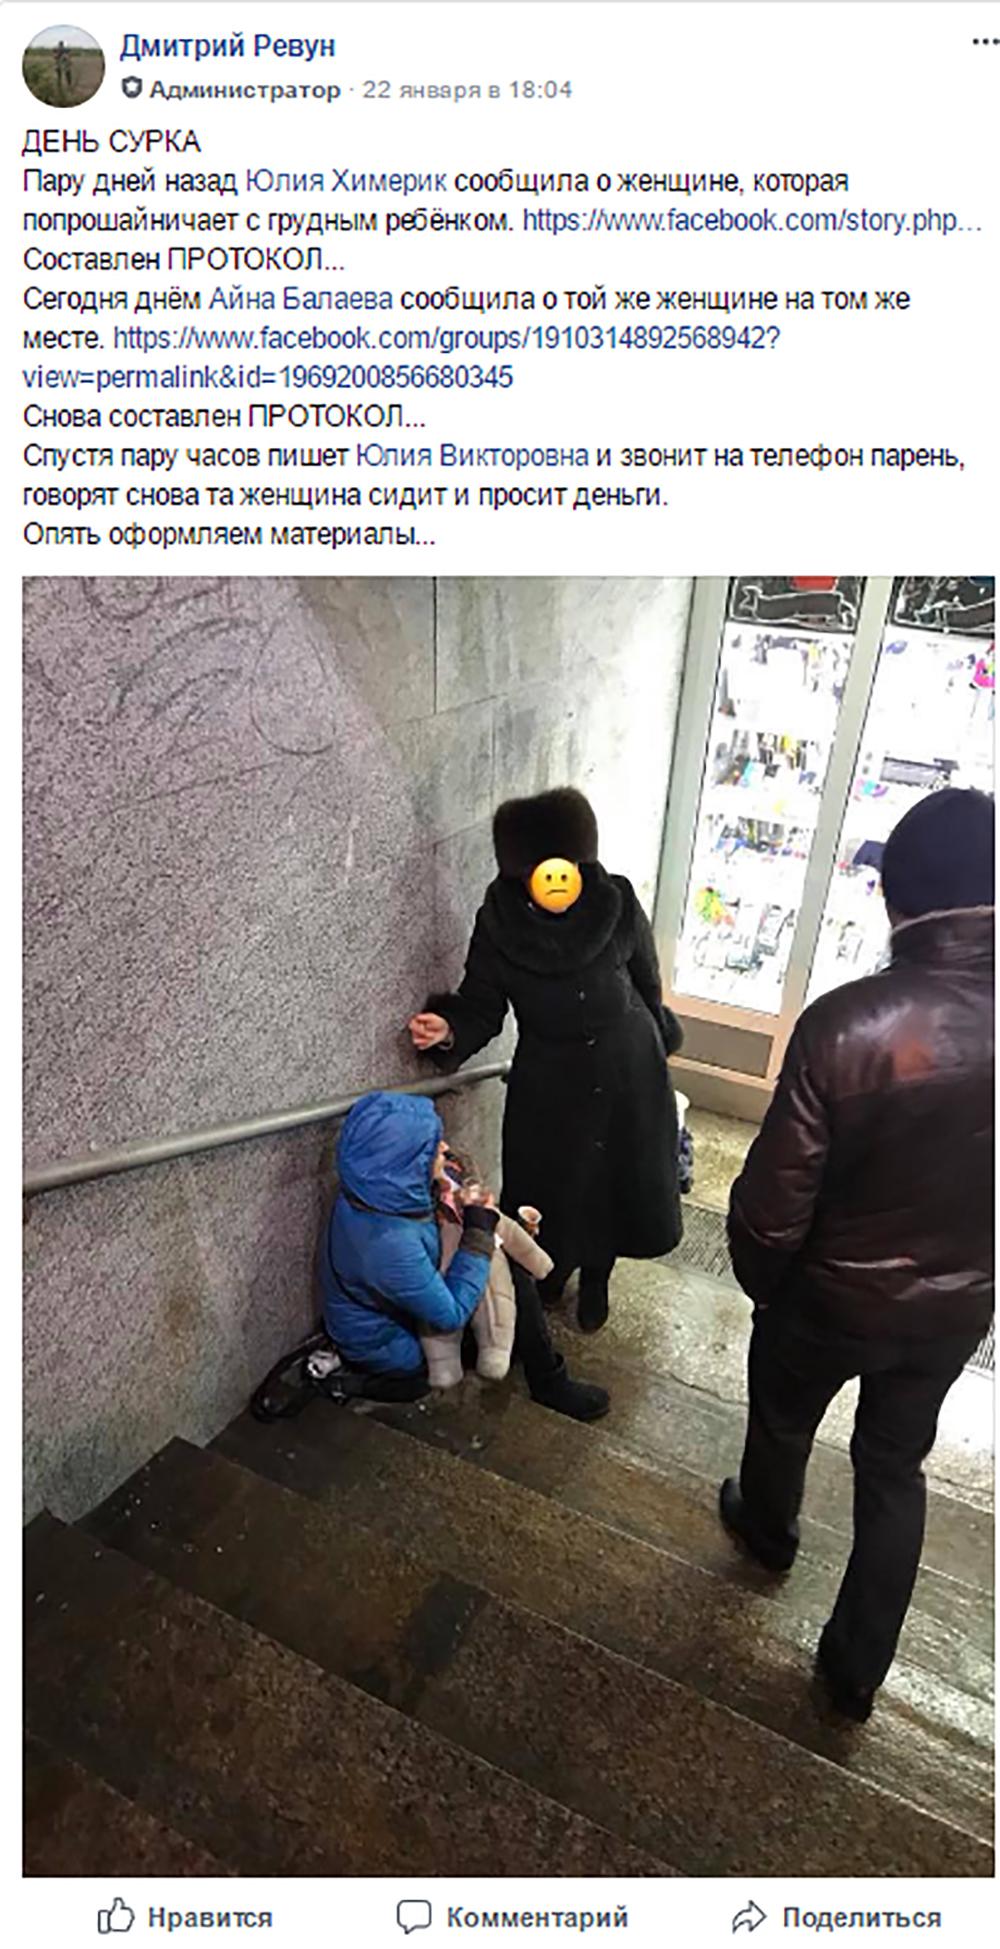 Нехватка кадров и новые законы: в Одесской области не судят за попрошайничество с детьми